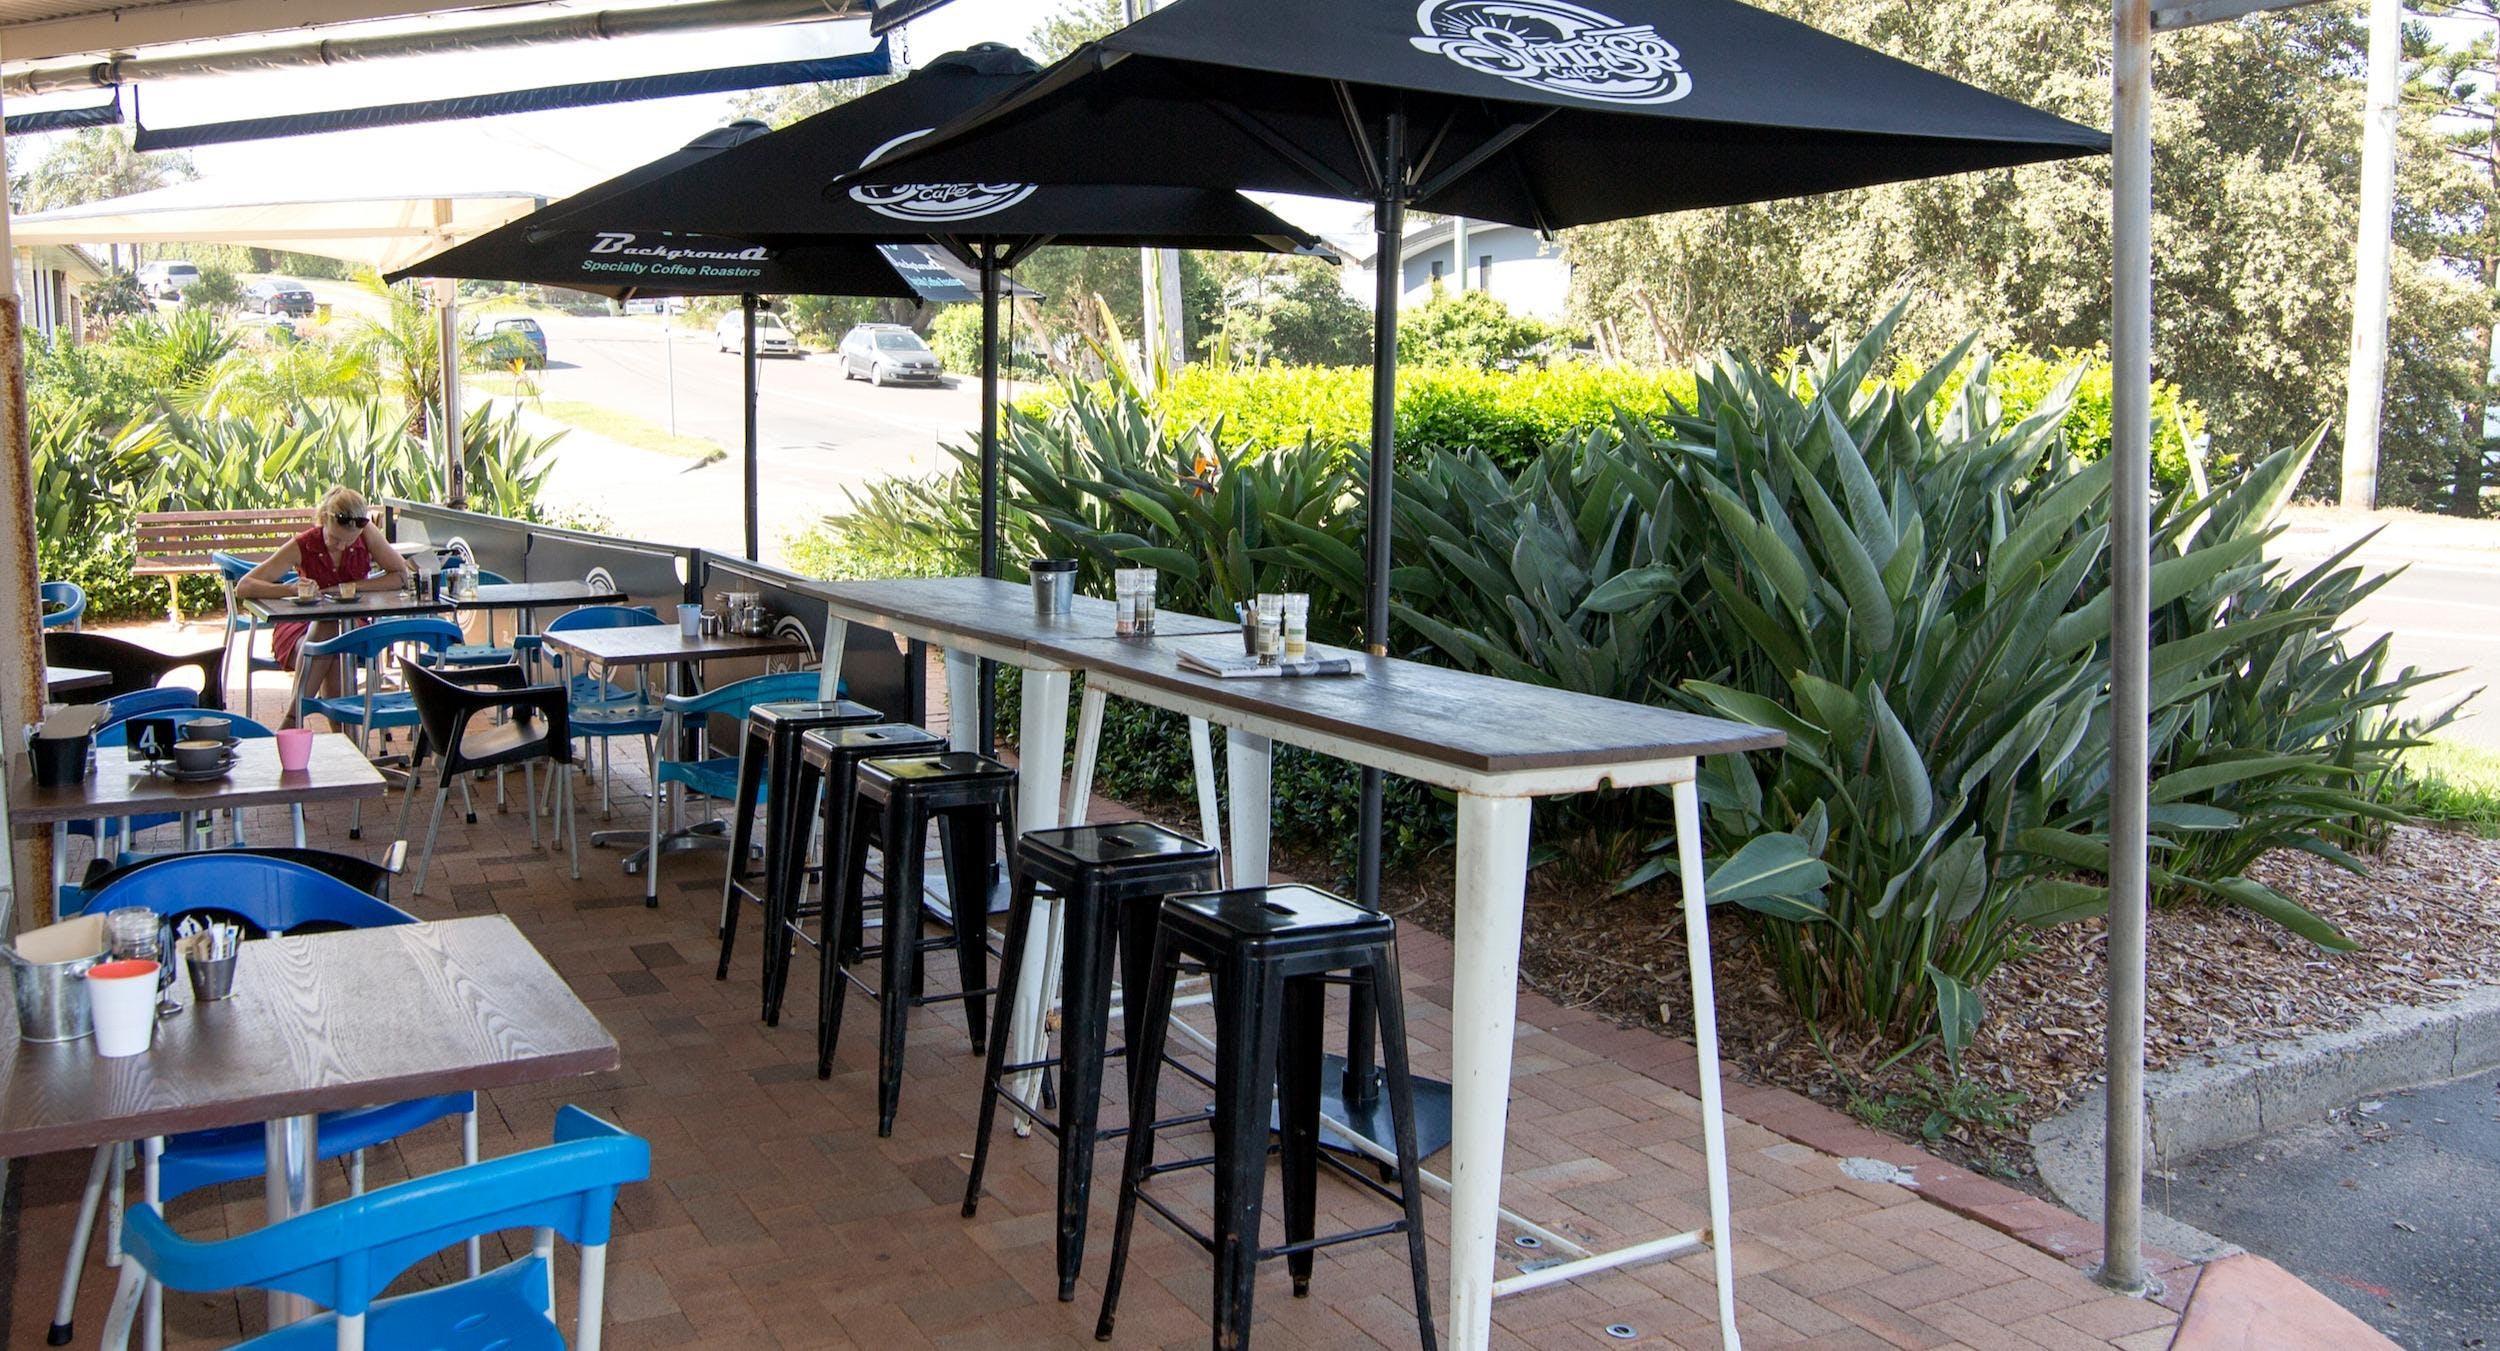 Sunrise Cafe Sydney image 1